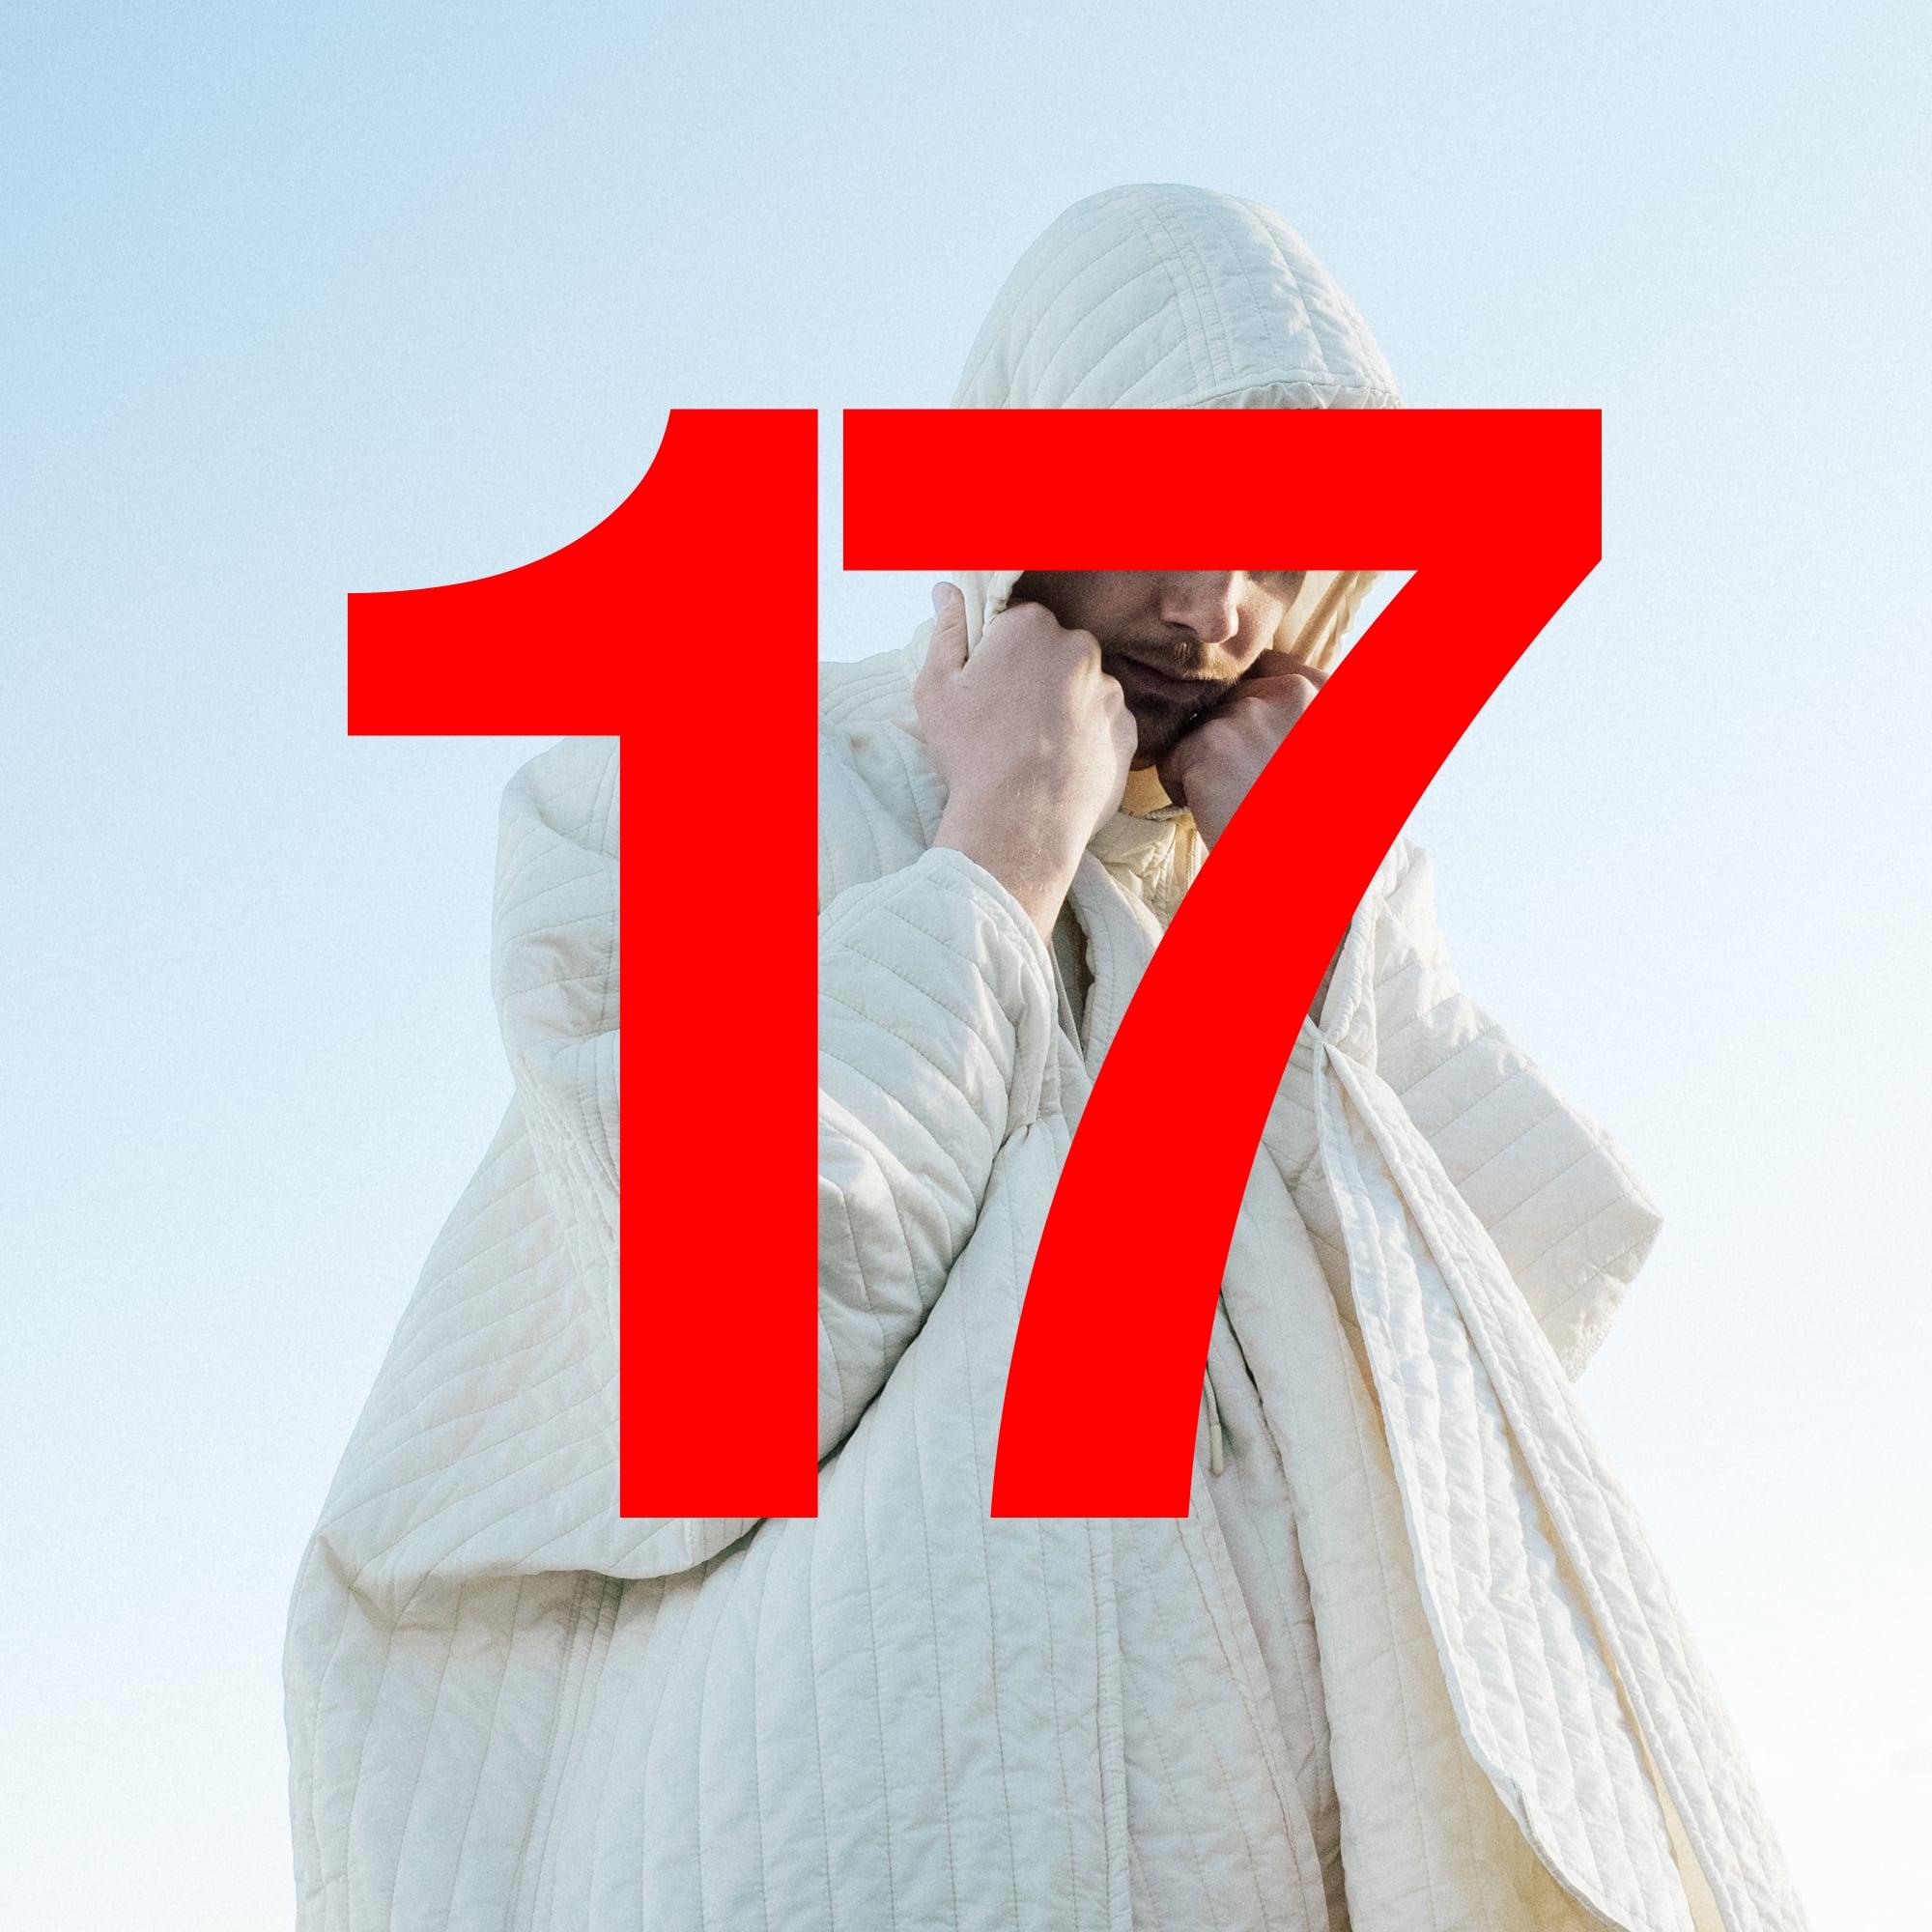 17 Art